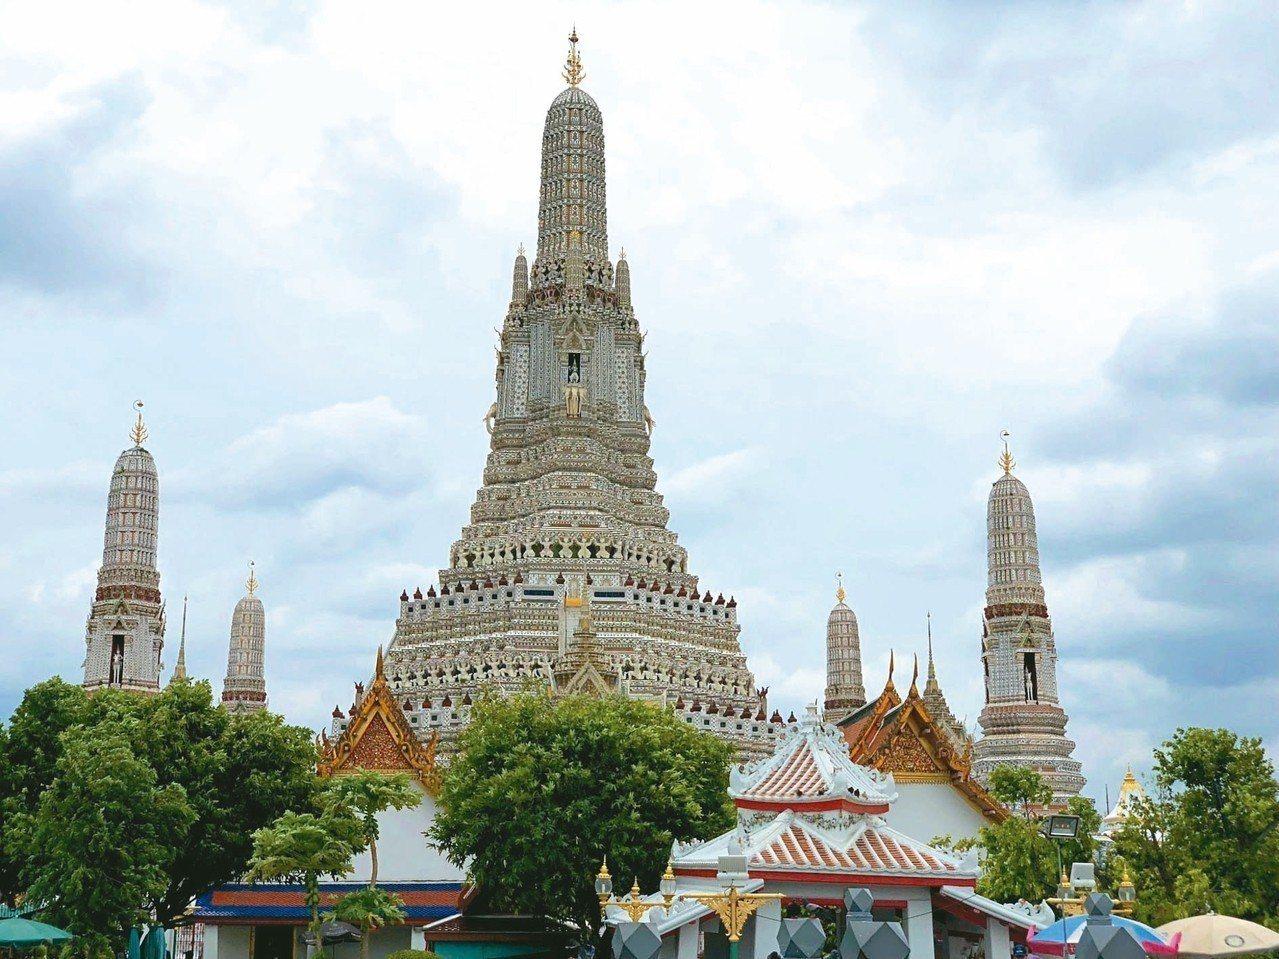 鄭王廟有泰國艾菲爾鐵塔的美稱。 記者魏妤庭/攝影